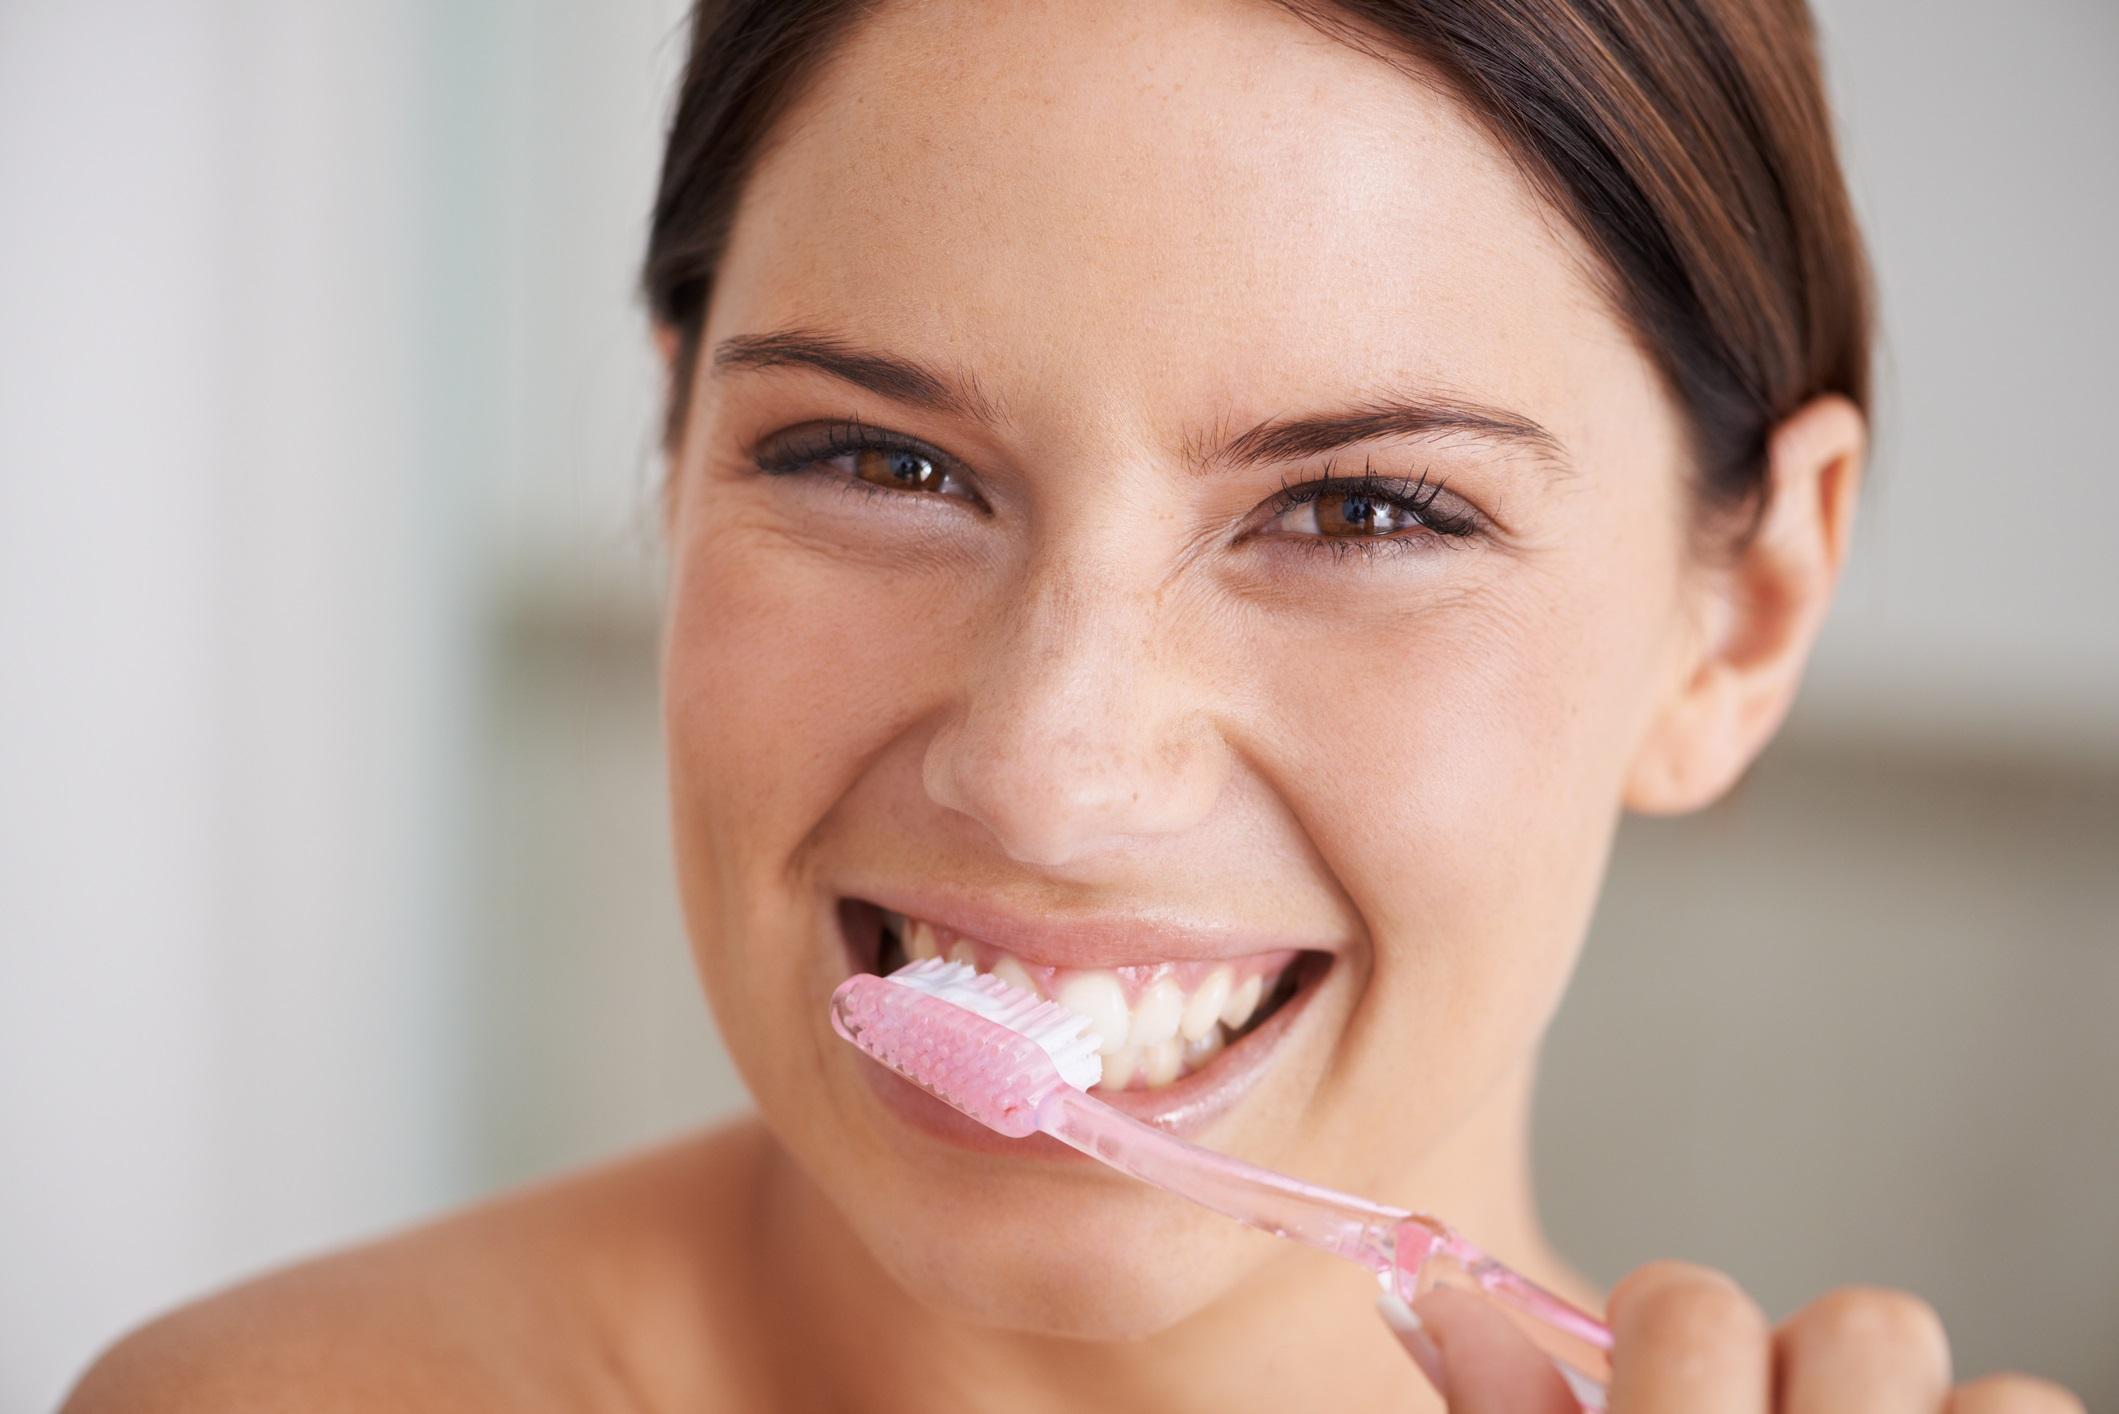 <p>Не мийте зъбите си веднага след ядене<br /> <br /> Хапнали сте чесново хлебче, а имате среща след 5 минути, какво да правите? Измивате си зъбите. Въпреки, че може да изглежда като добра идея &ndash; не е, защото всъщност това уврежда зъбния ви емайл. Според изследователите не е хубаво да миете зъбите си след прием на кисели храни и напитки, по-добре ги мийте преди хранене или изчакайте поне 30 мин. след това.</p>